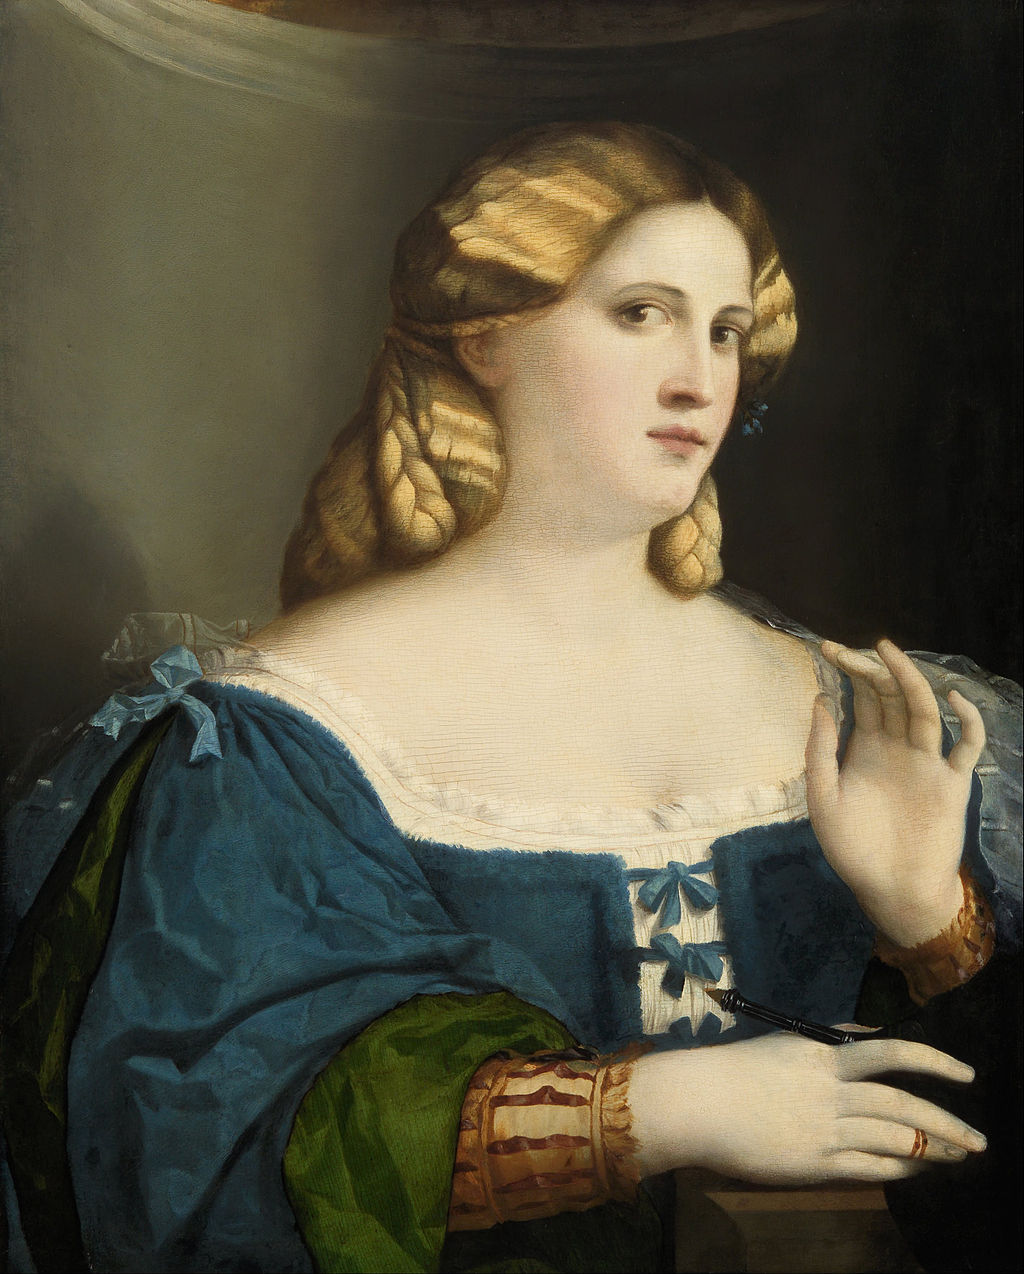 Якопо Пальма Старший. Портрет девушки в синем платье. Ок.1512-14